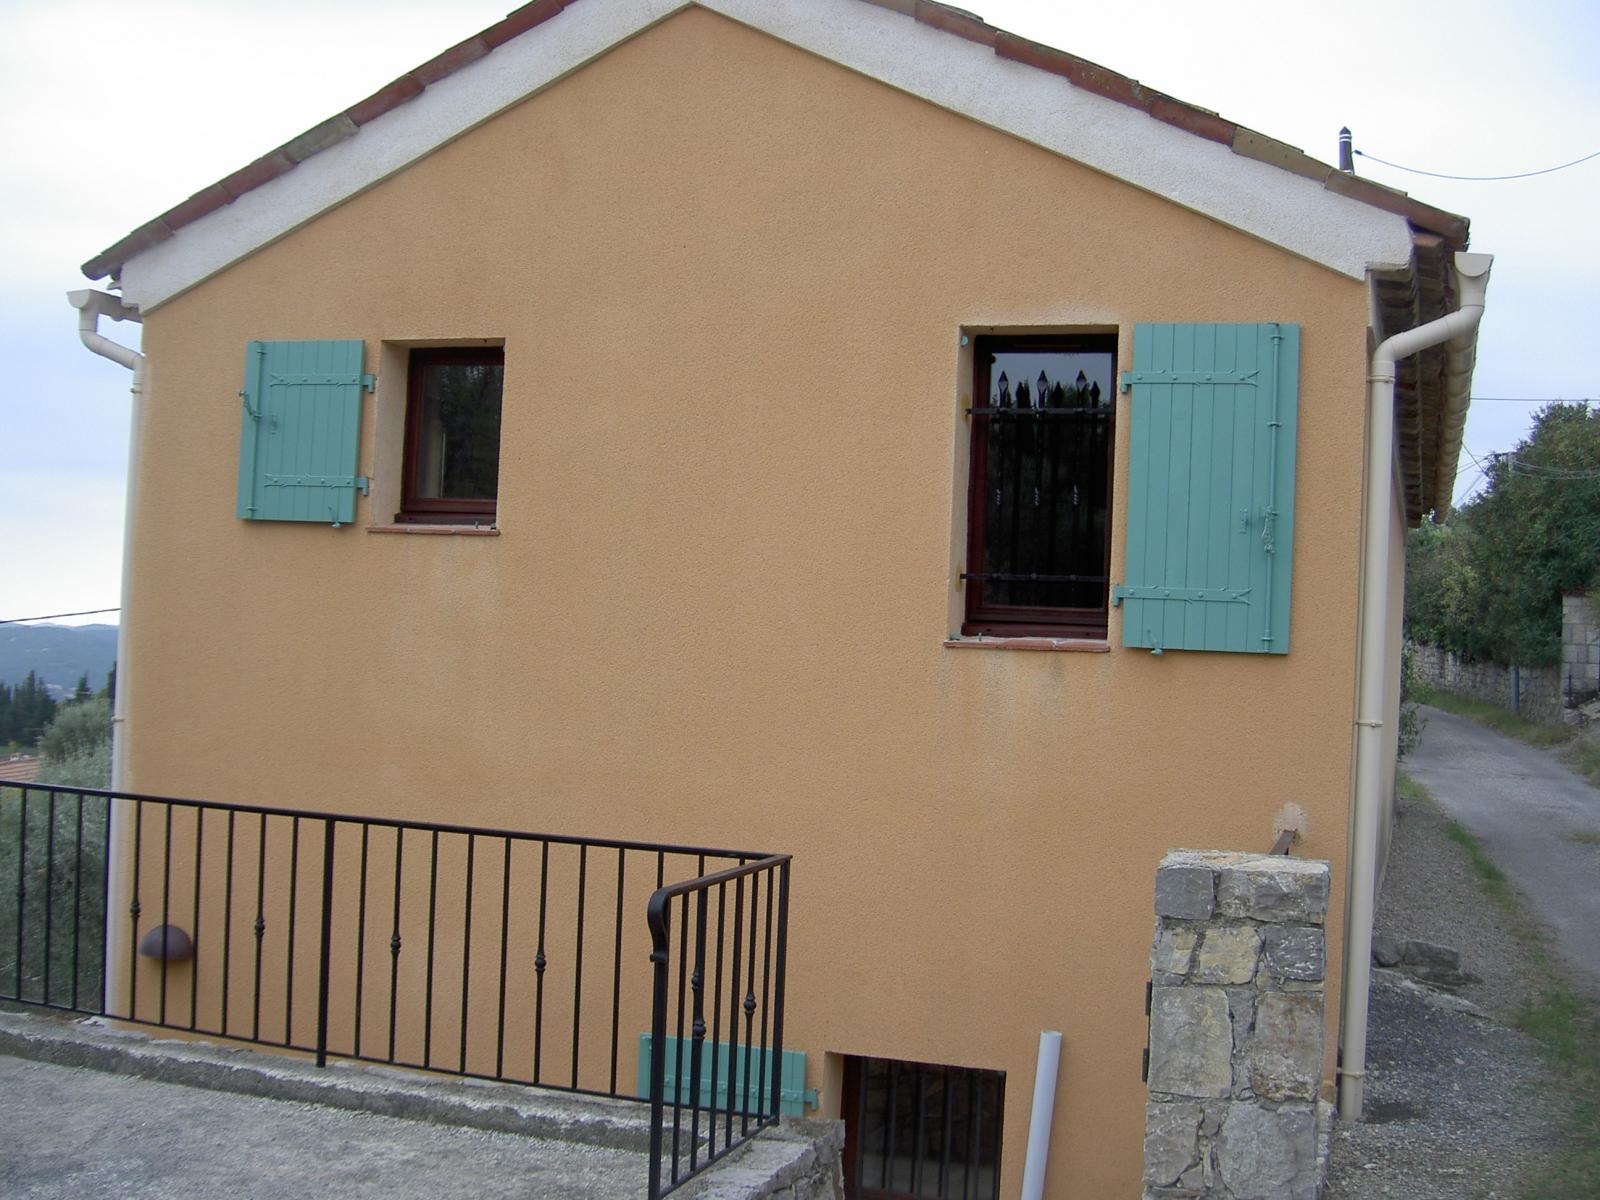 nettoyage facade simple amazing incroyable decoration facade exterieur maison ravalement de. Black Bedroom Furniture Sets. Home Design Ideas